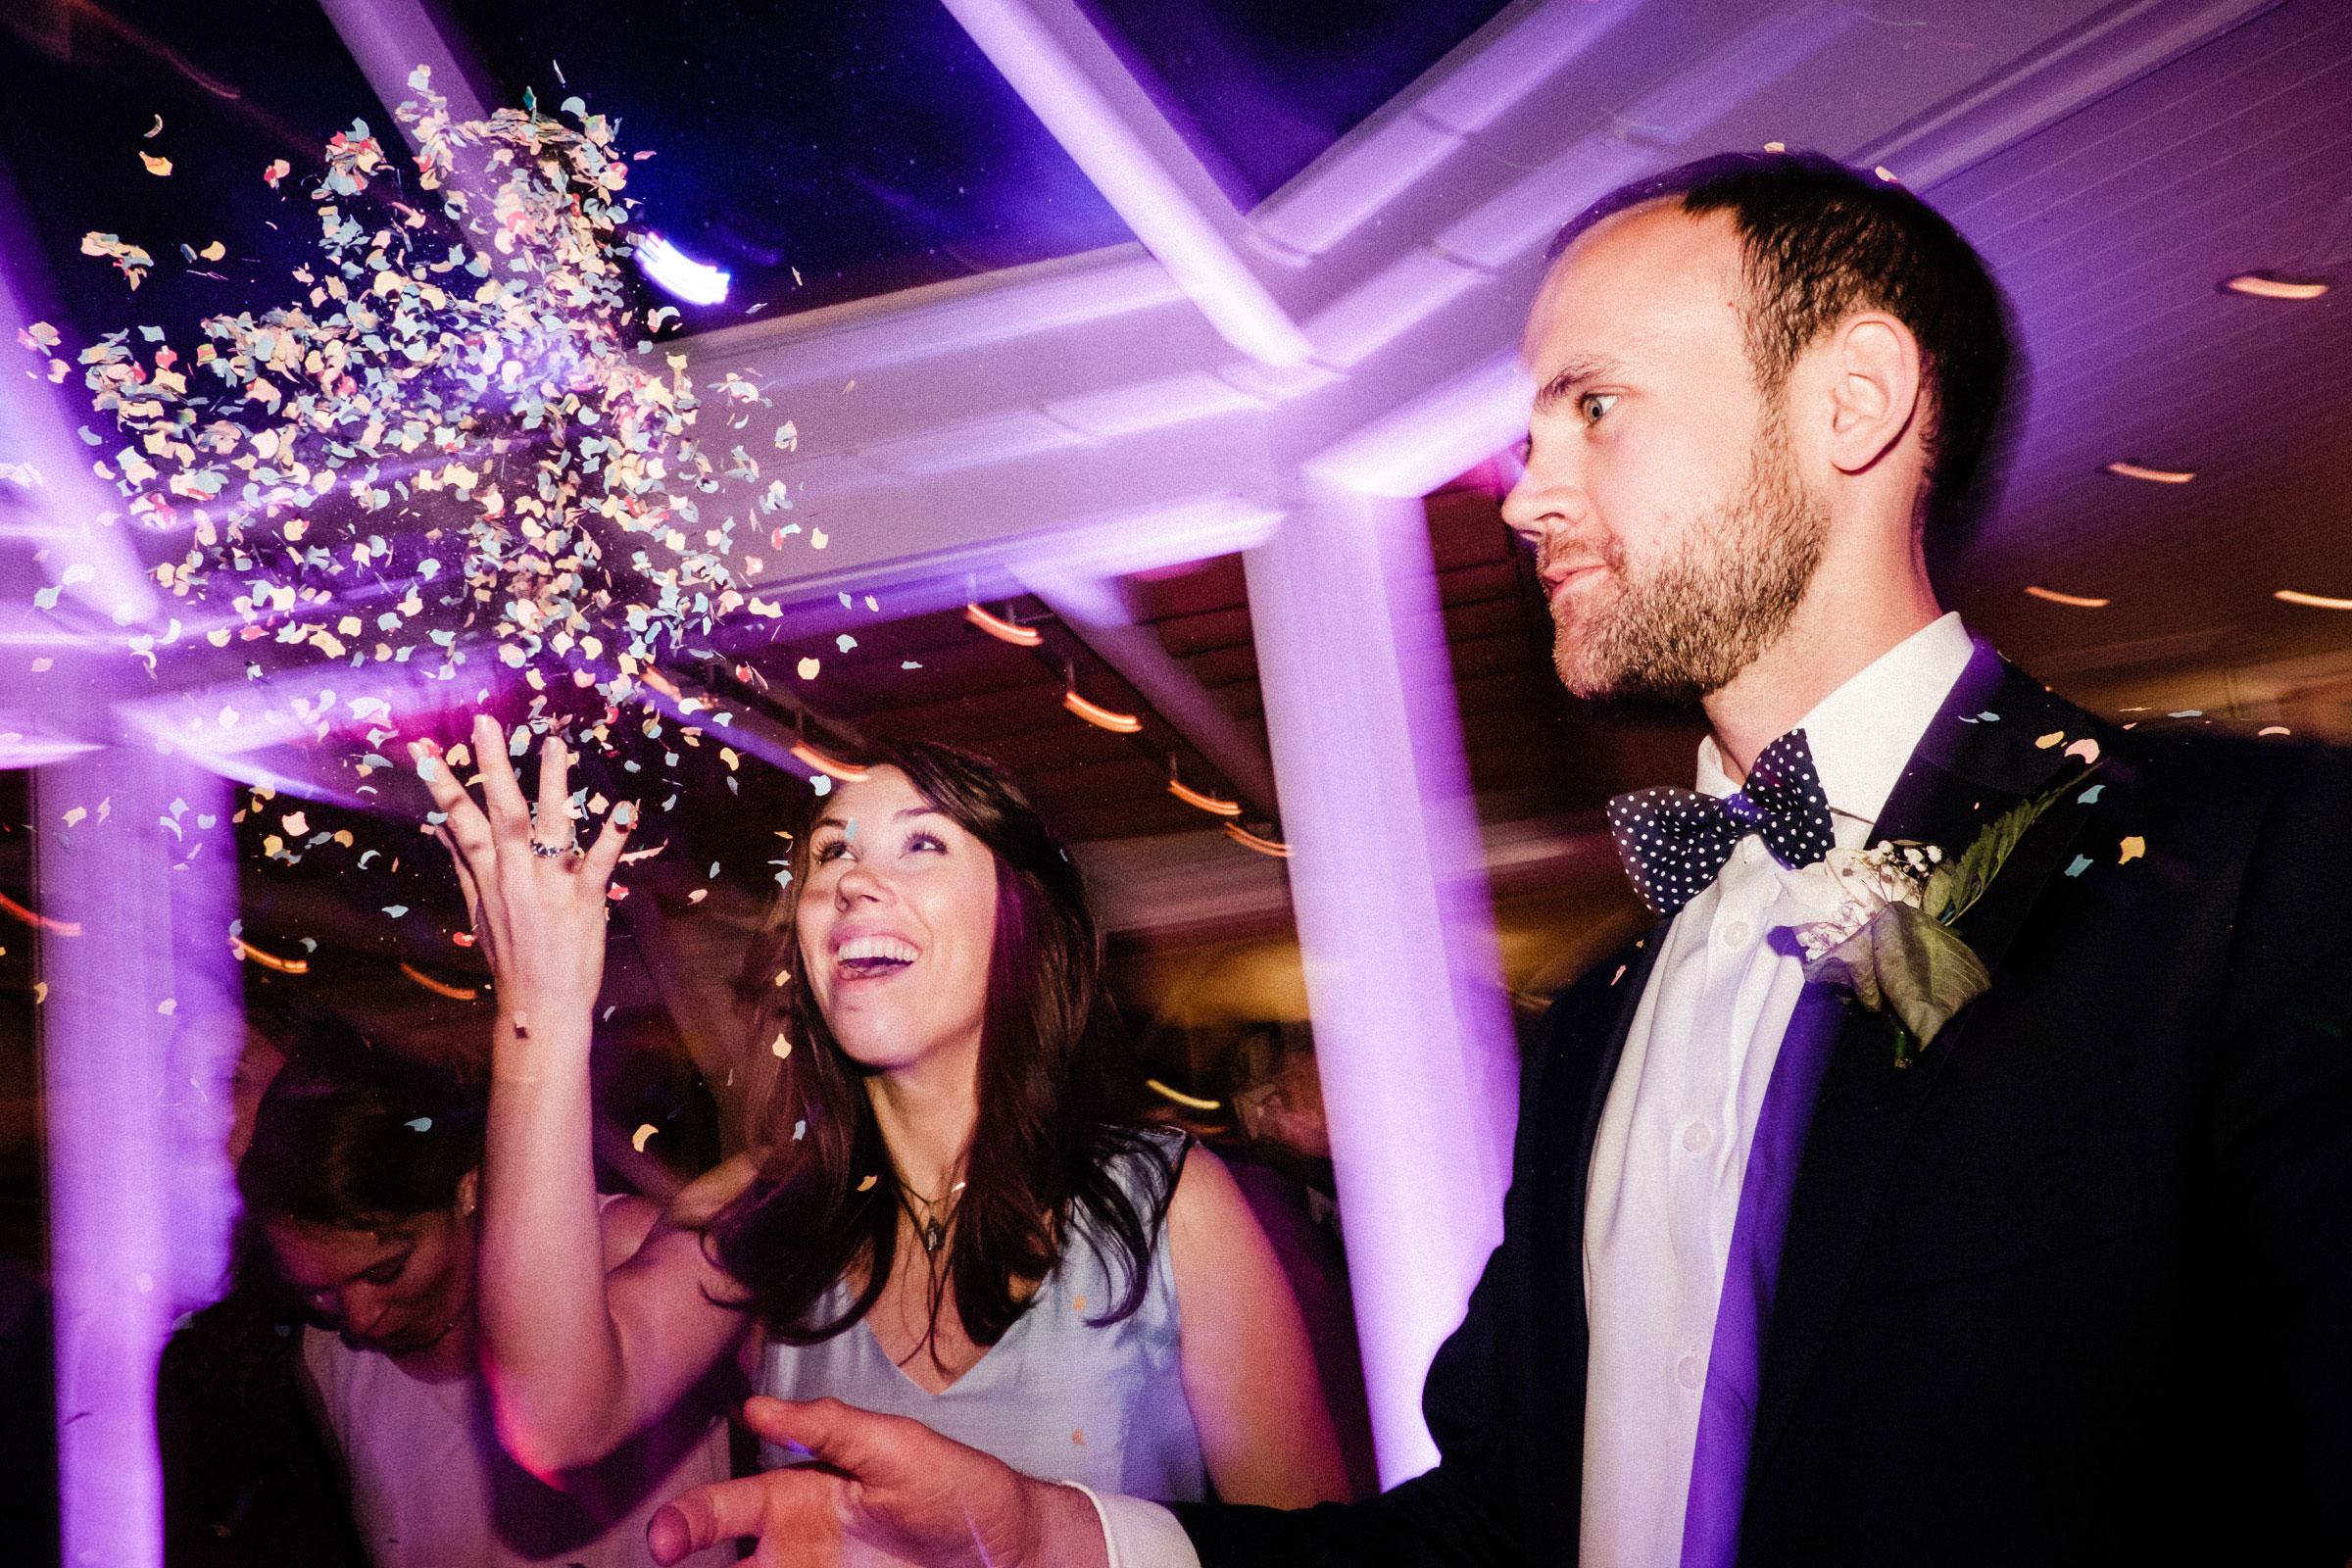 Hochzeitsparty mit Konfetti